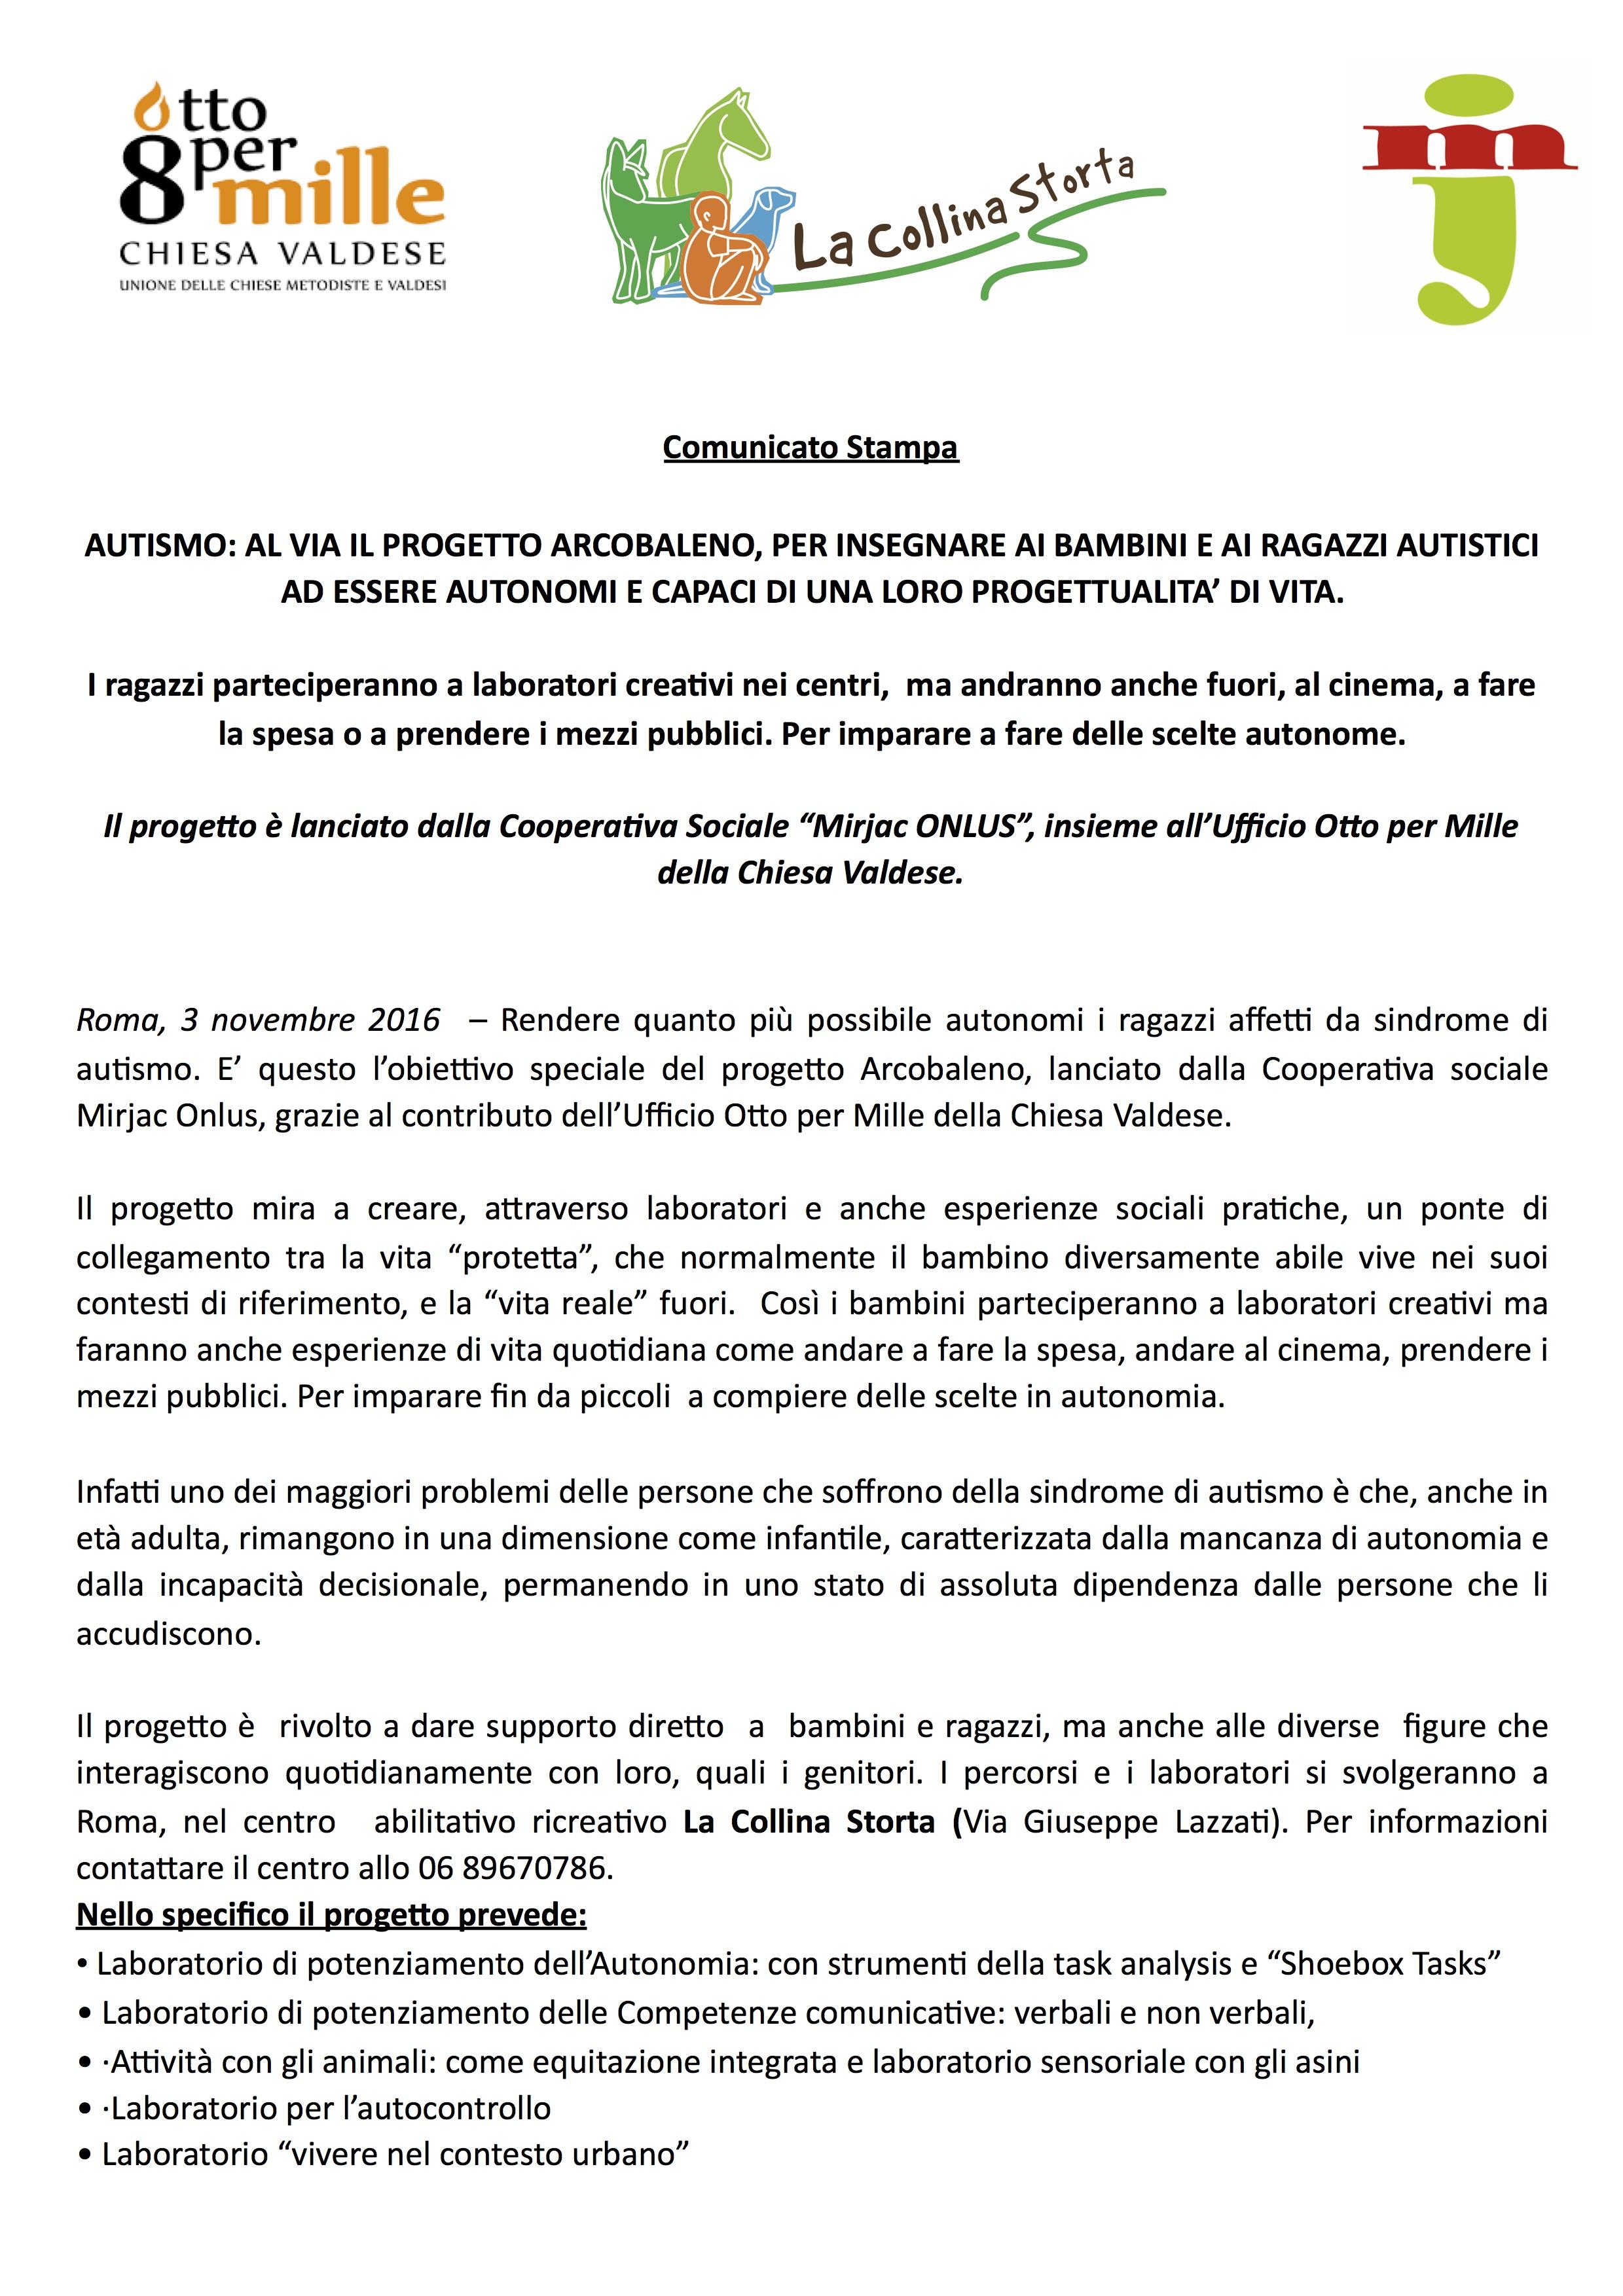 comunicato-stampa-rev-3-11